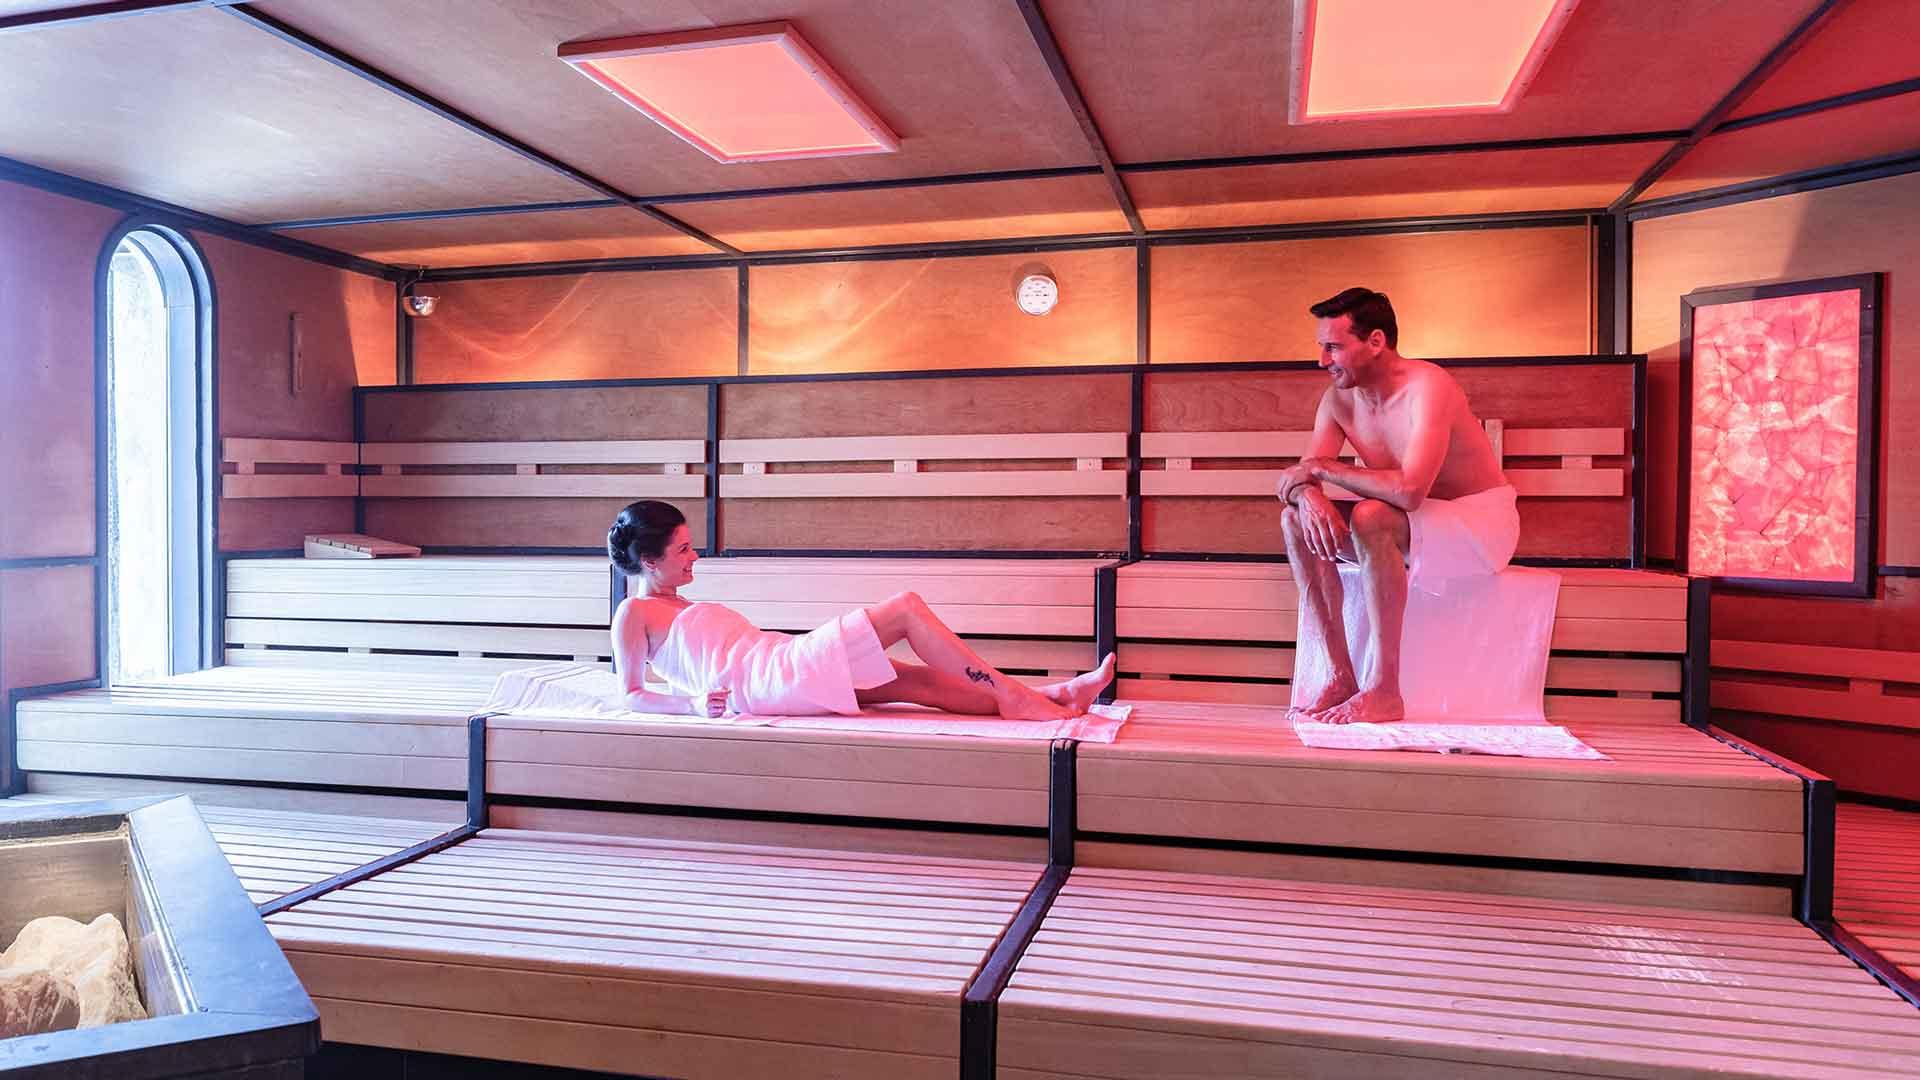 Saunawelt Indoor - Kristall Palm Beach in Stein bei Nürnberg